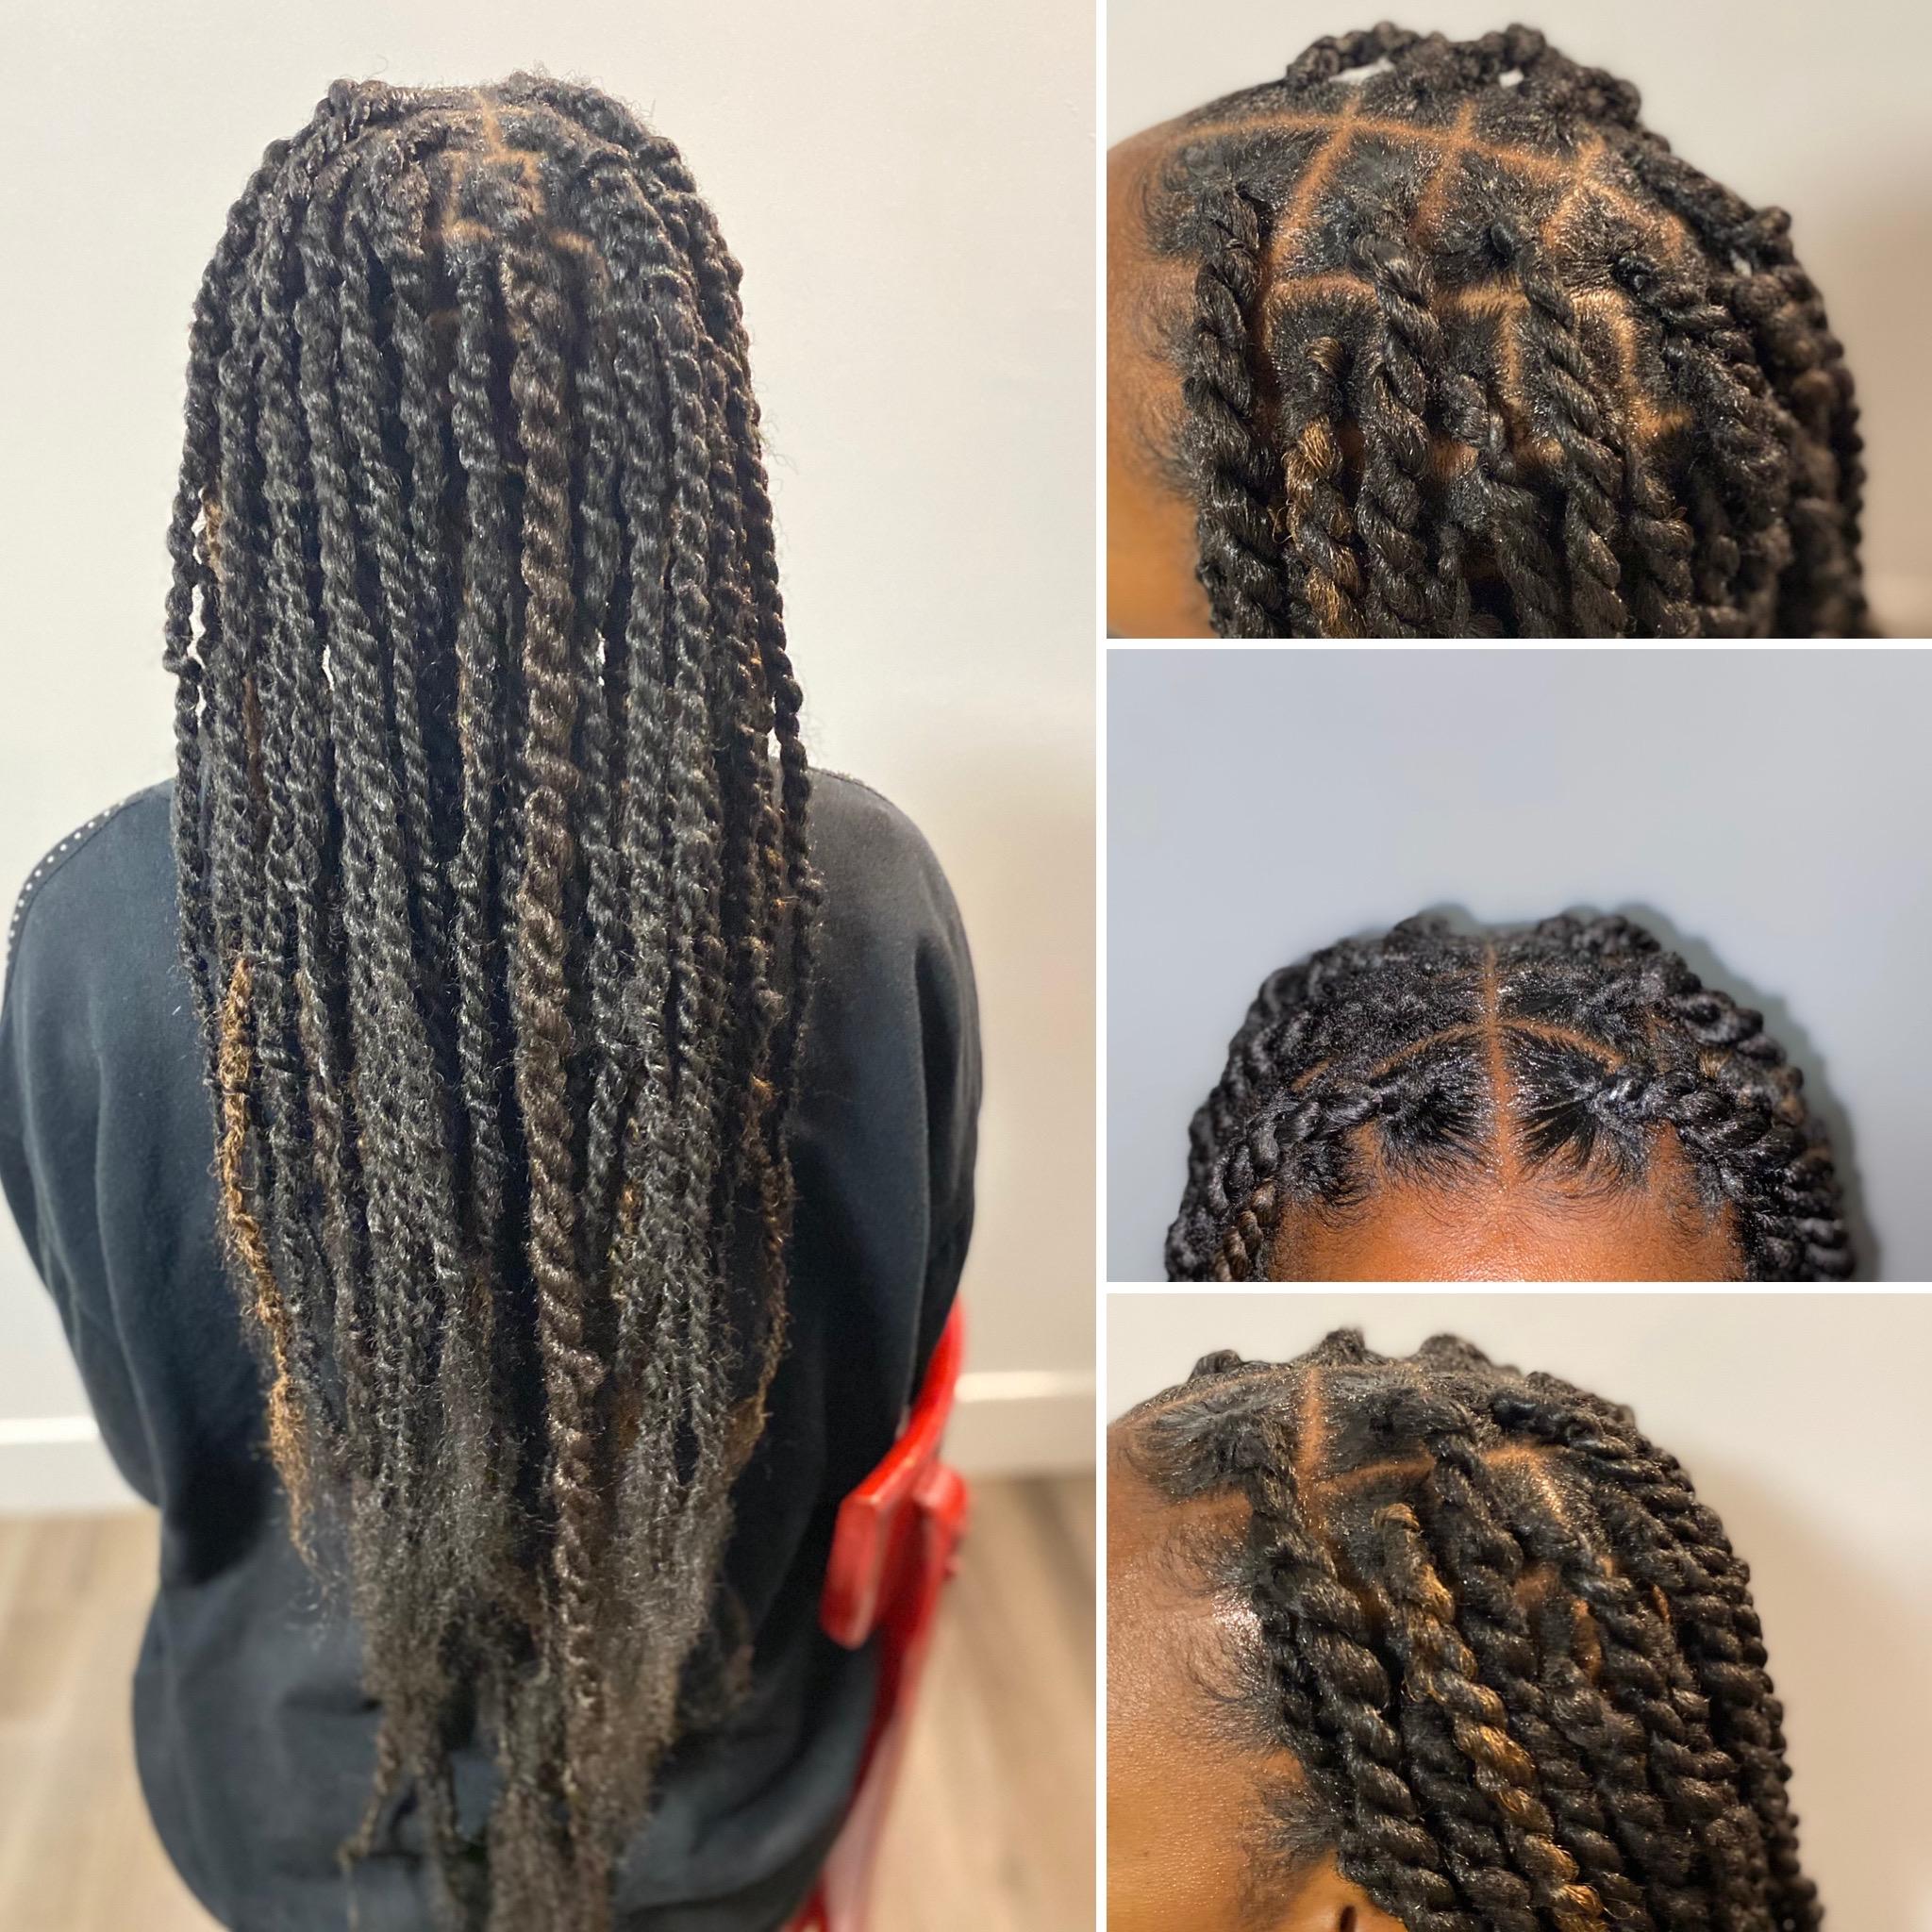 salon de coiffure afro tresse tresses box braids crochet braids vanilles tissages paris 75 77 78 91 92 93 94 95 CHFZVHAD